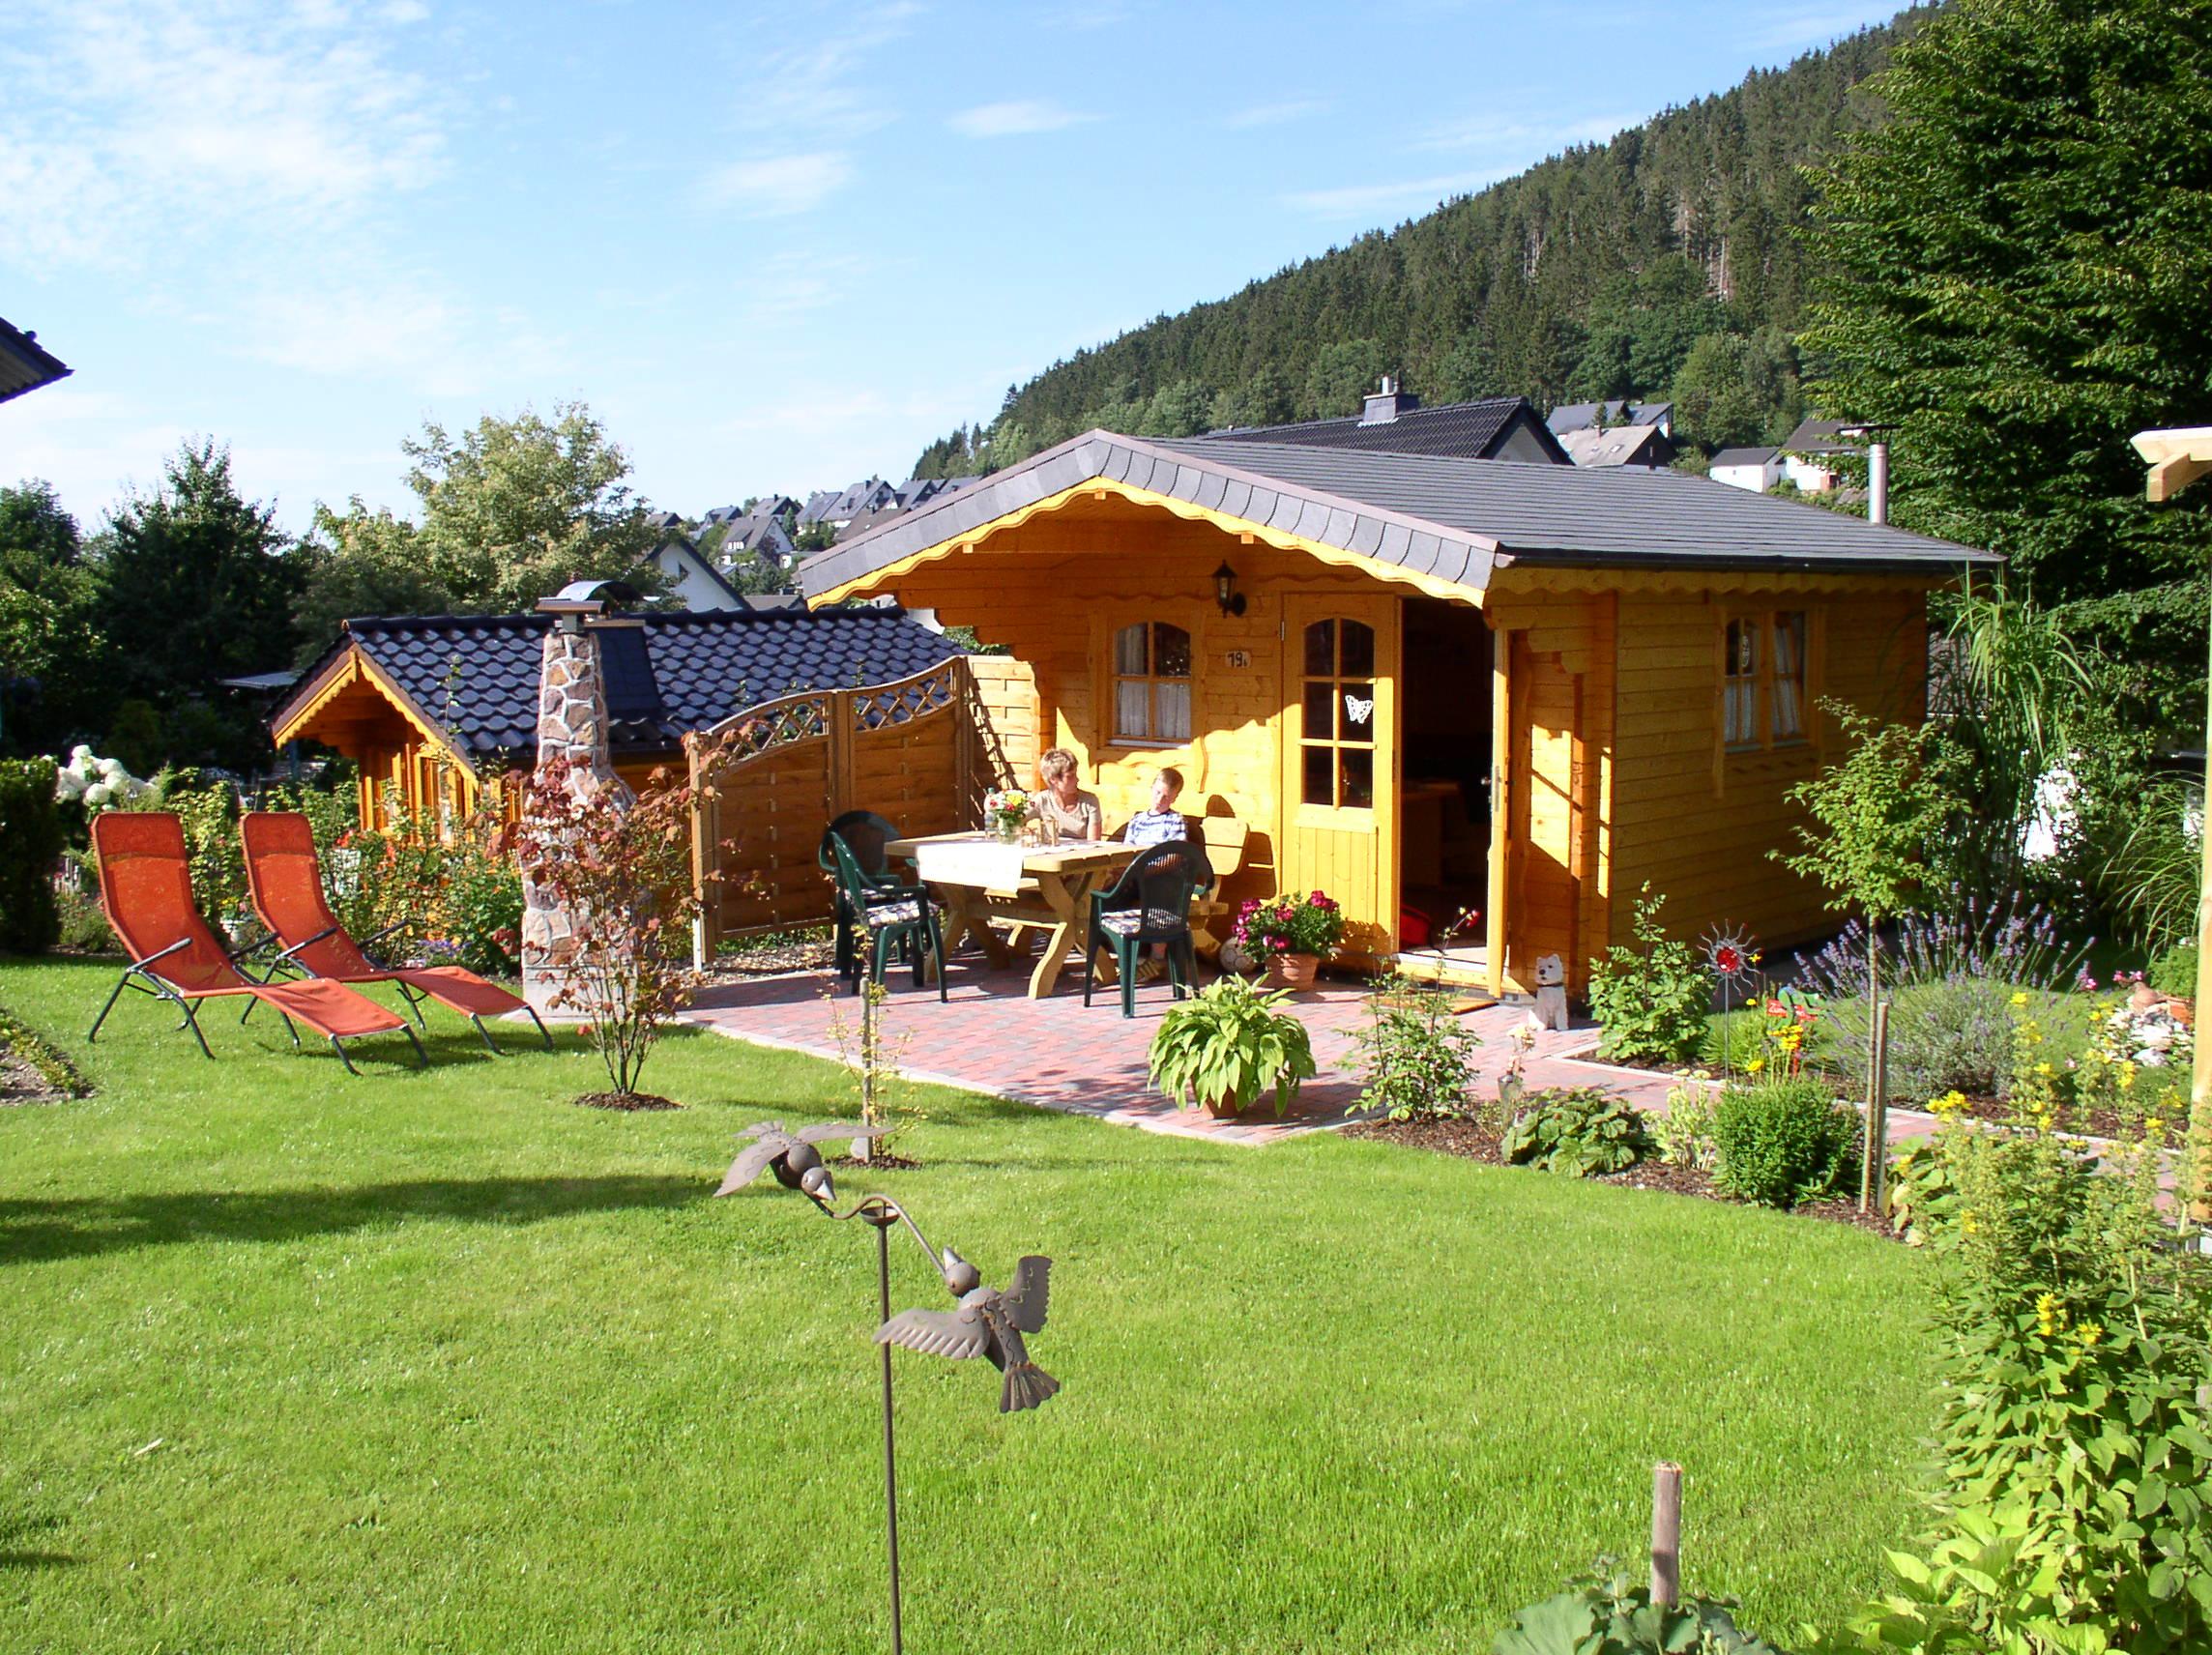 Ferienhaus Wiese (Olsberg)Ferienhaus Wiese (Olsber Ferienwohnung in Nordrhein Westfalen